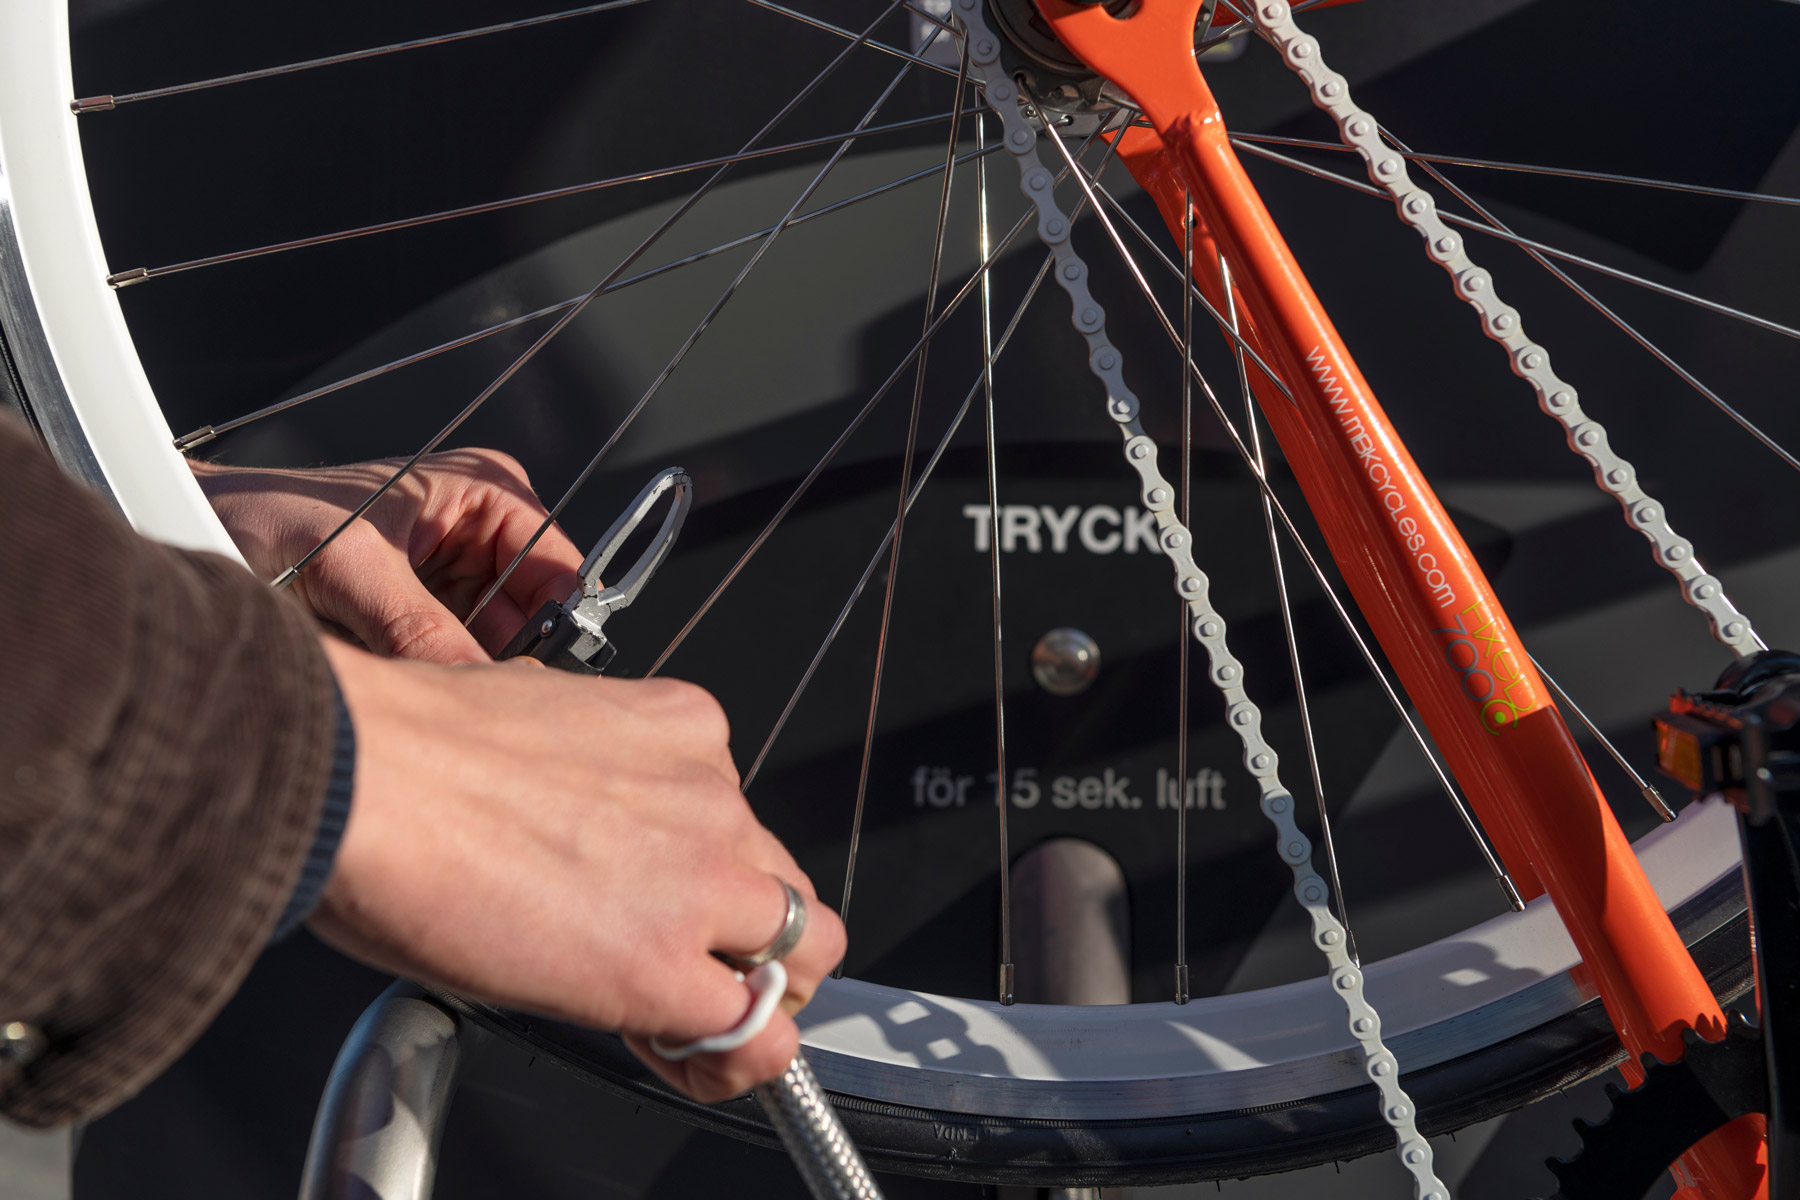 Cyklist fäster pumpmunstycket för att pumpa cykeln på cykelservicestationen GRAND från Cyklos